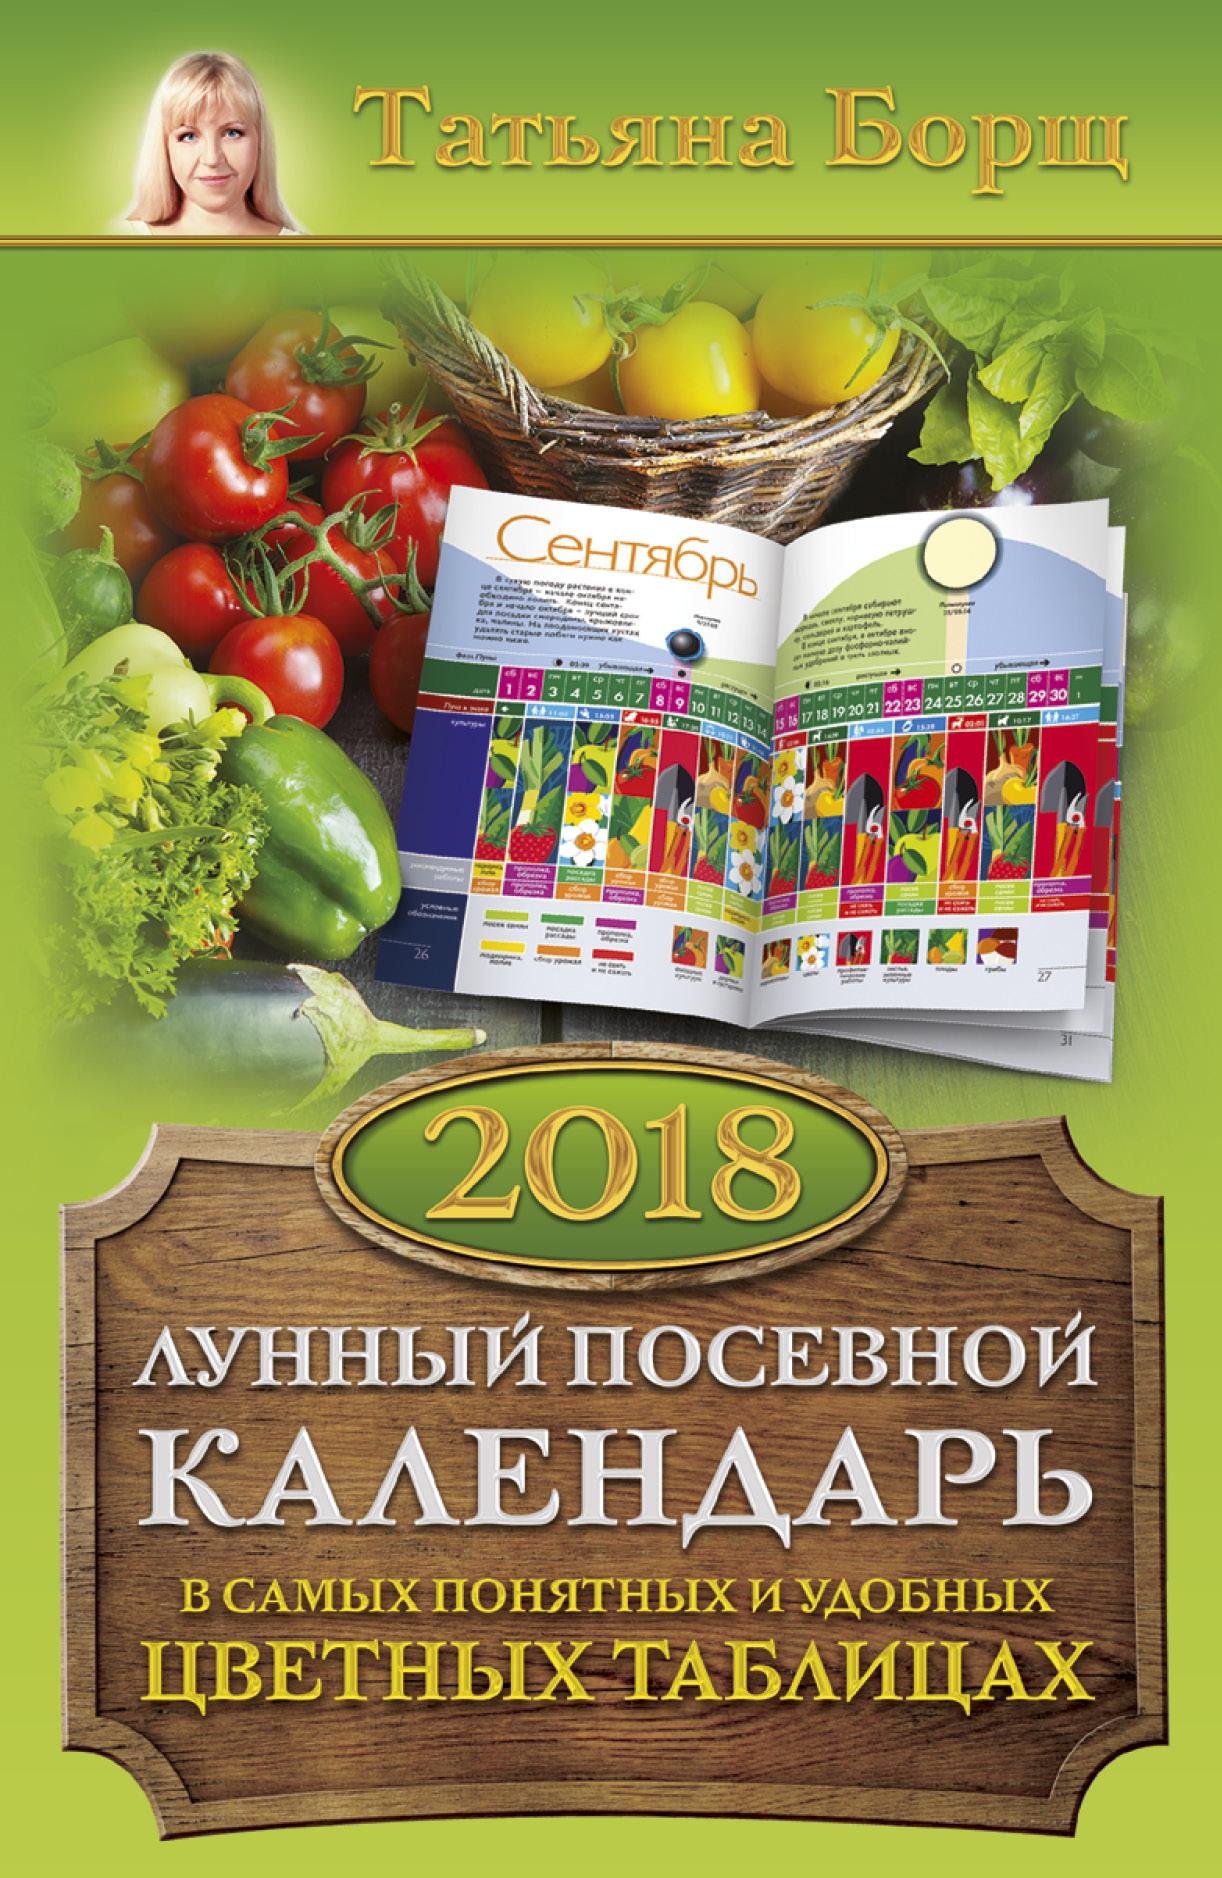 Лунный посевной календарь в самых понятных и удобных цветных таблицах на 2018 год ( Борщ Татьяна  )